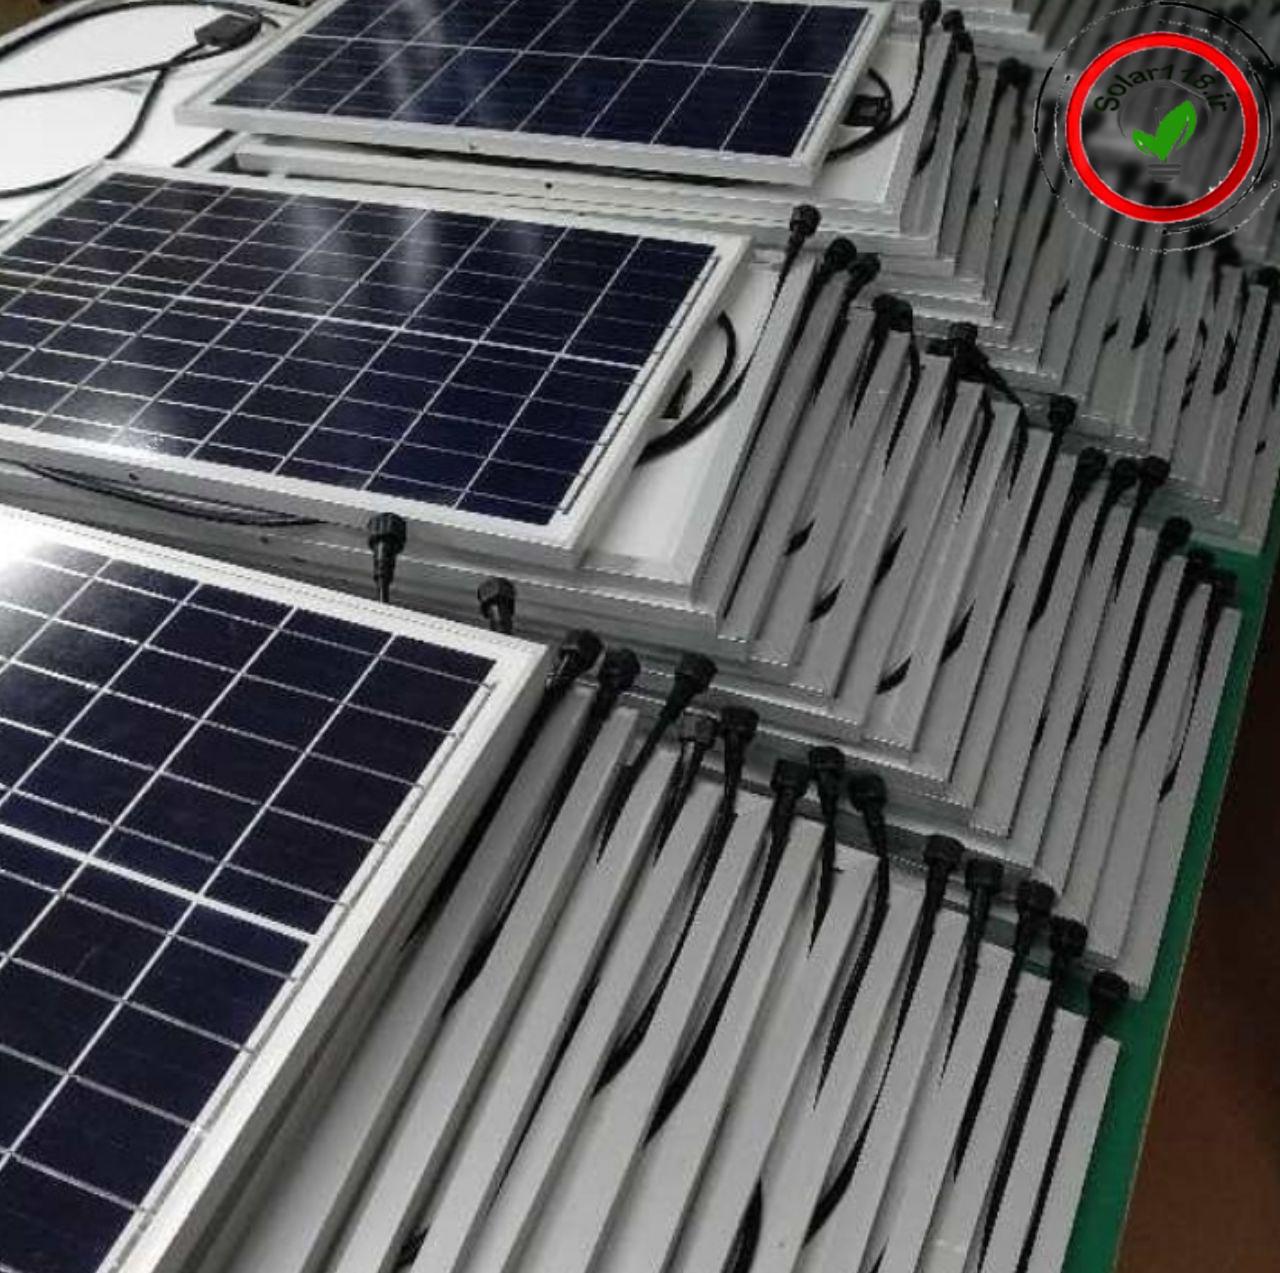 فروش انواع پنل های خورشیدی مونو و پلی کریستال